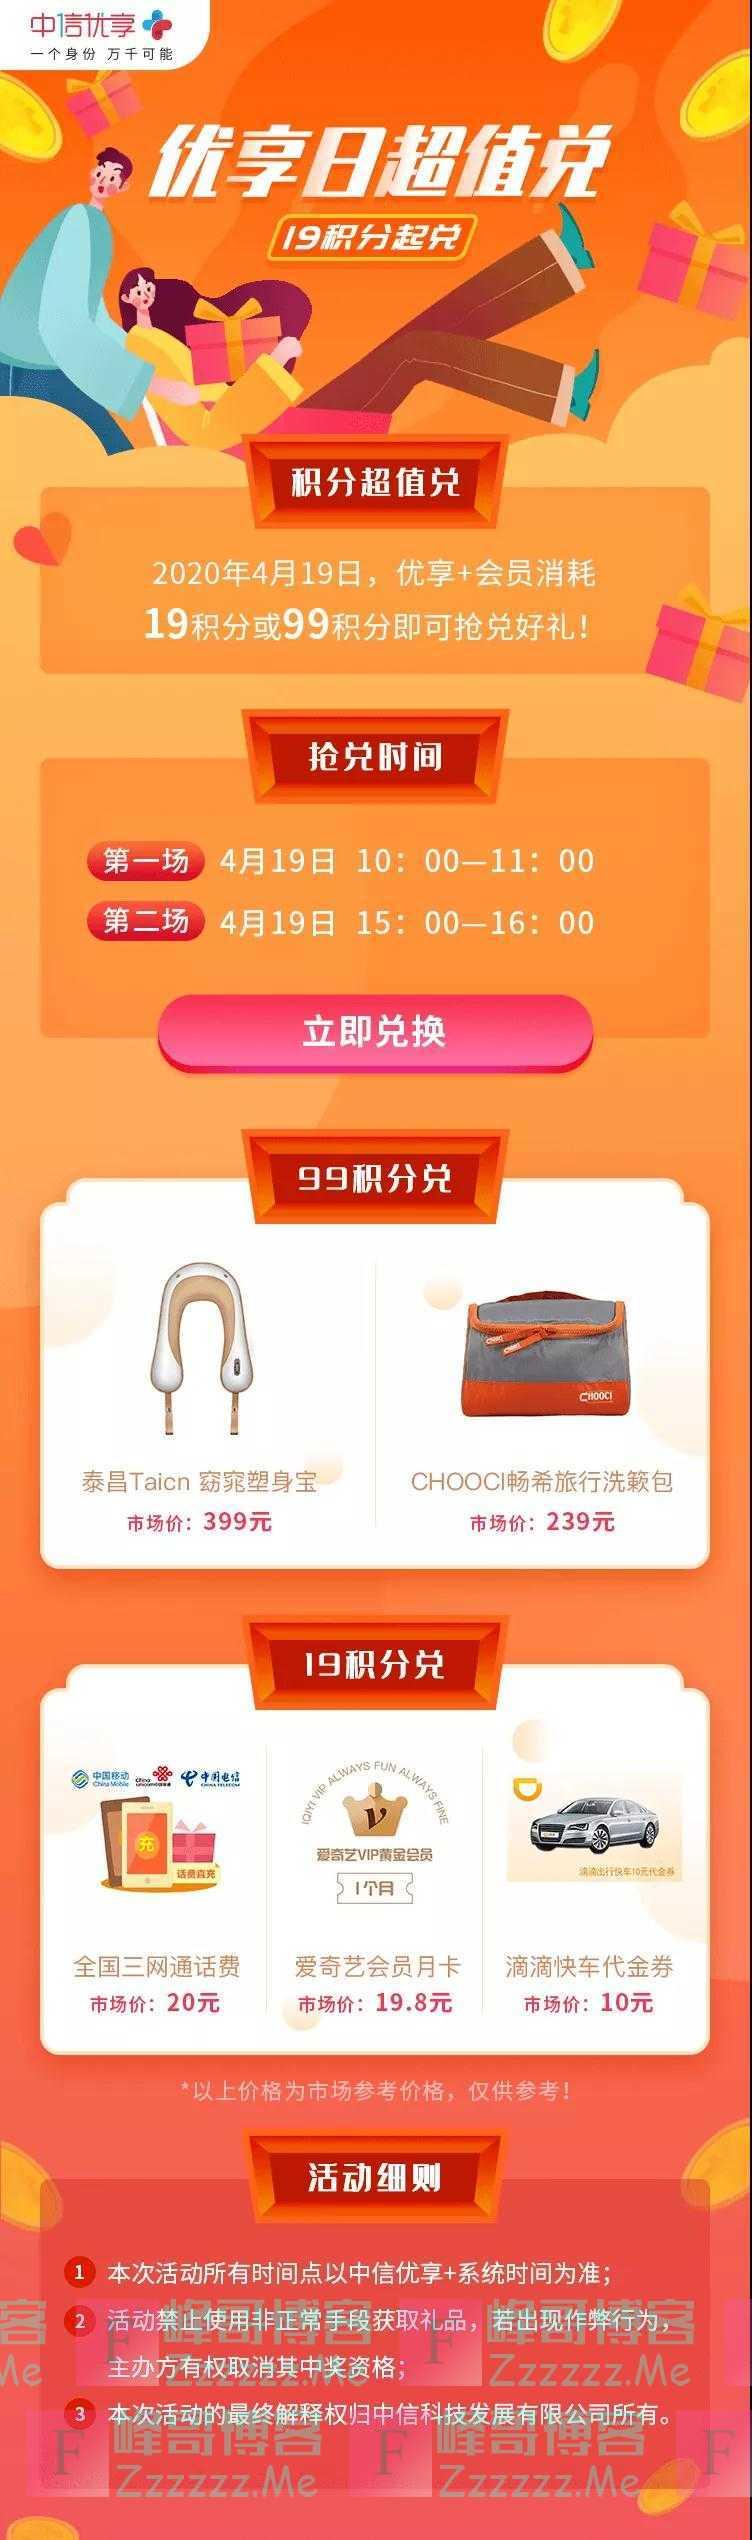 中信优享+会员日超值兑(截止4月19日)